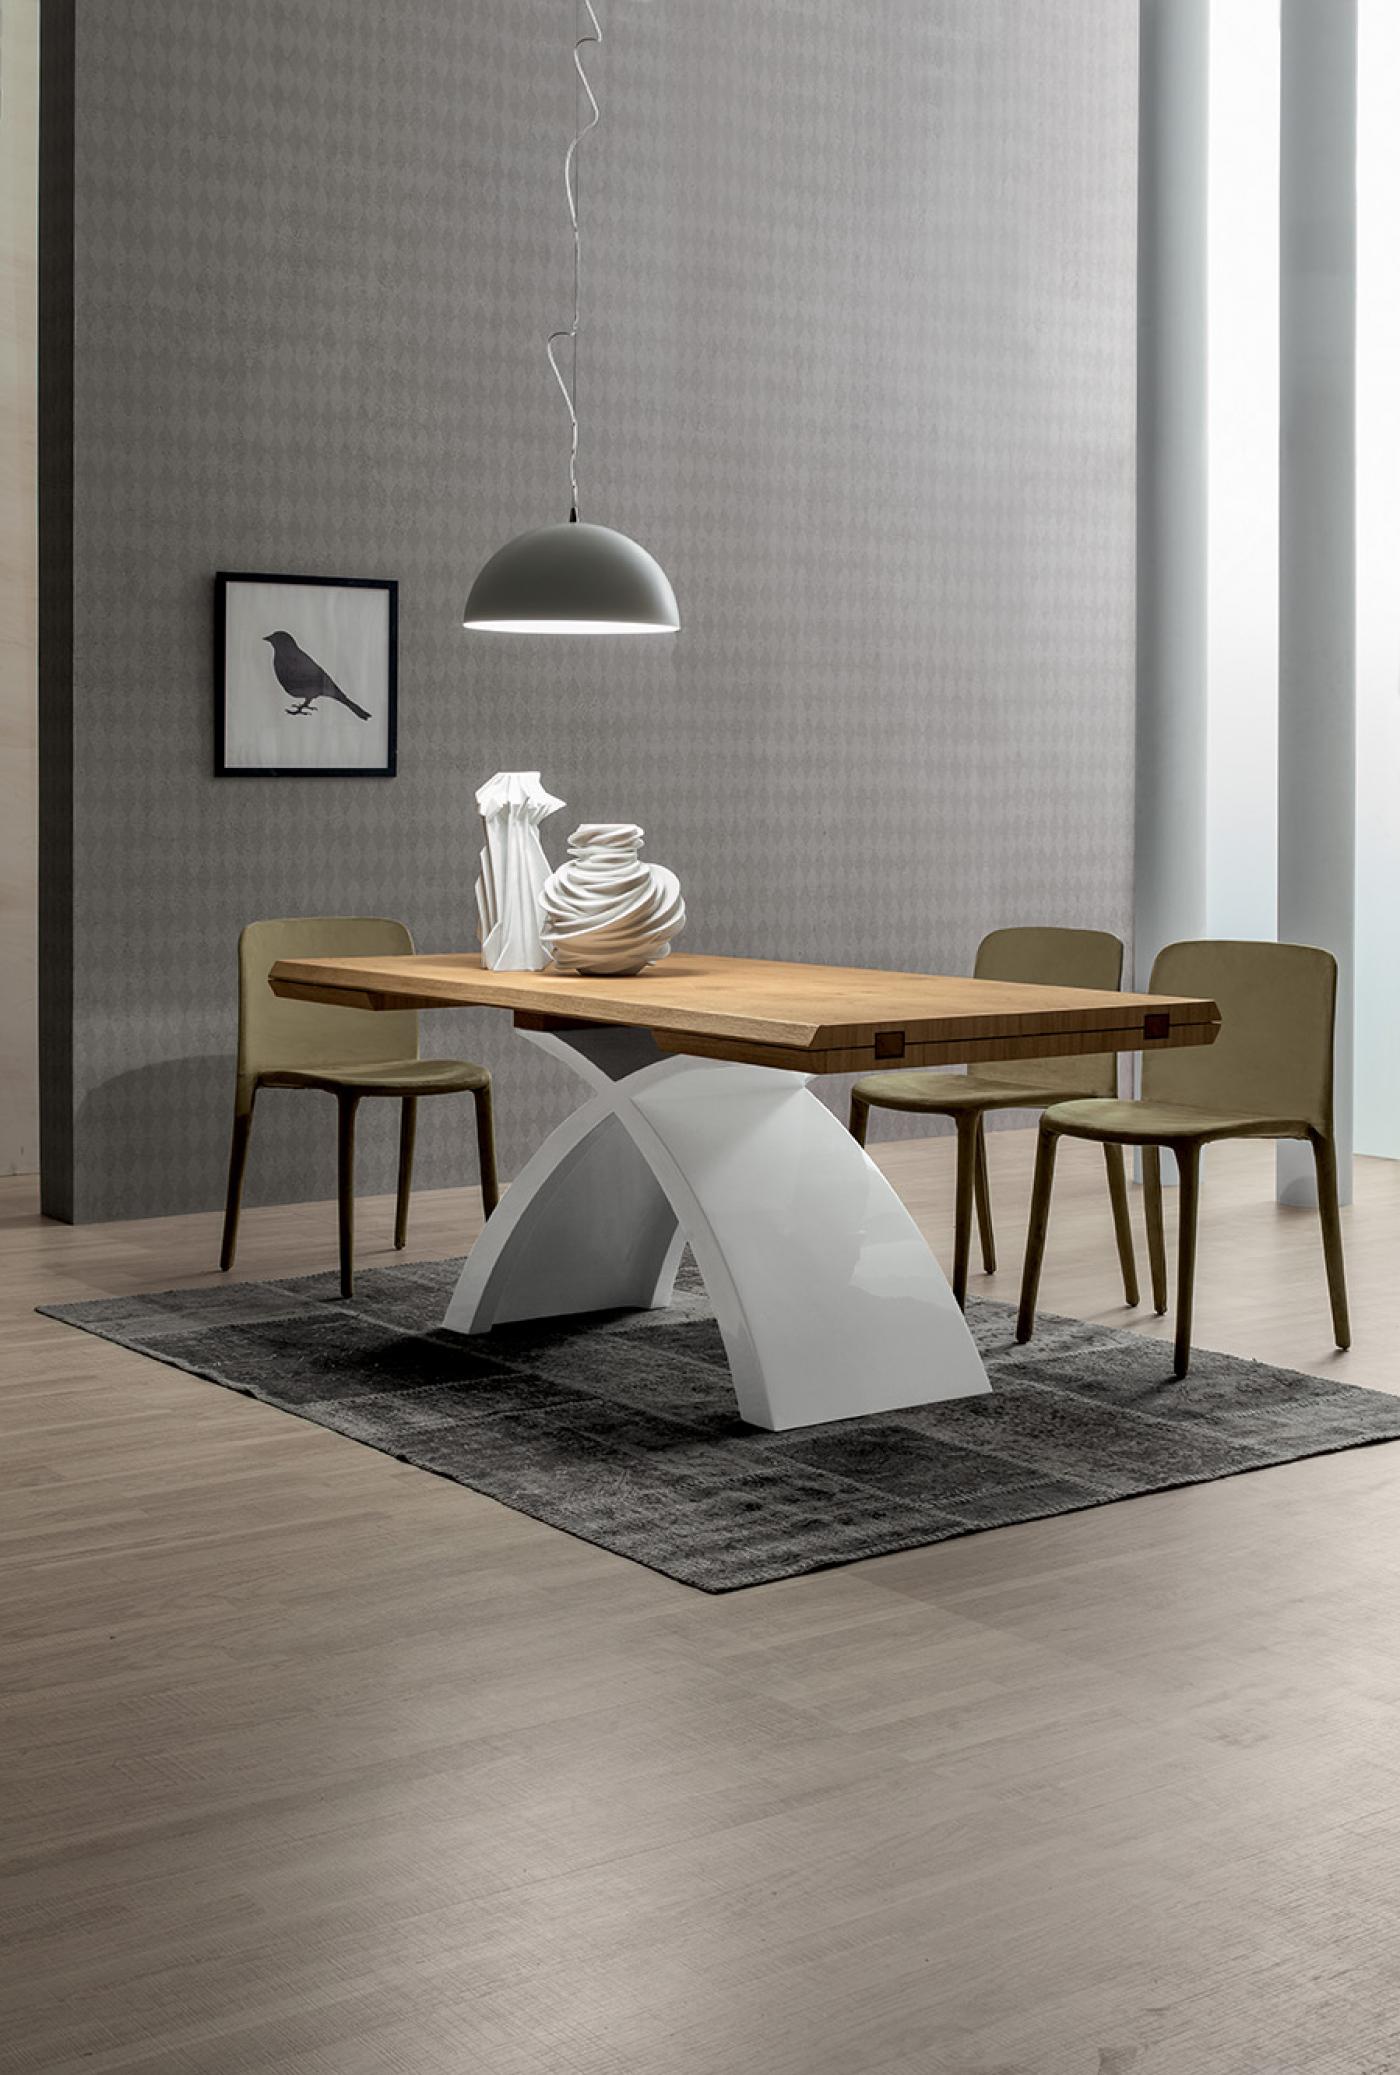 Ein außergewöhnlich gestalteter Tisch: Finden Sie ihn hier.